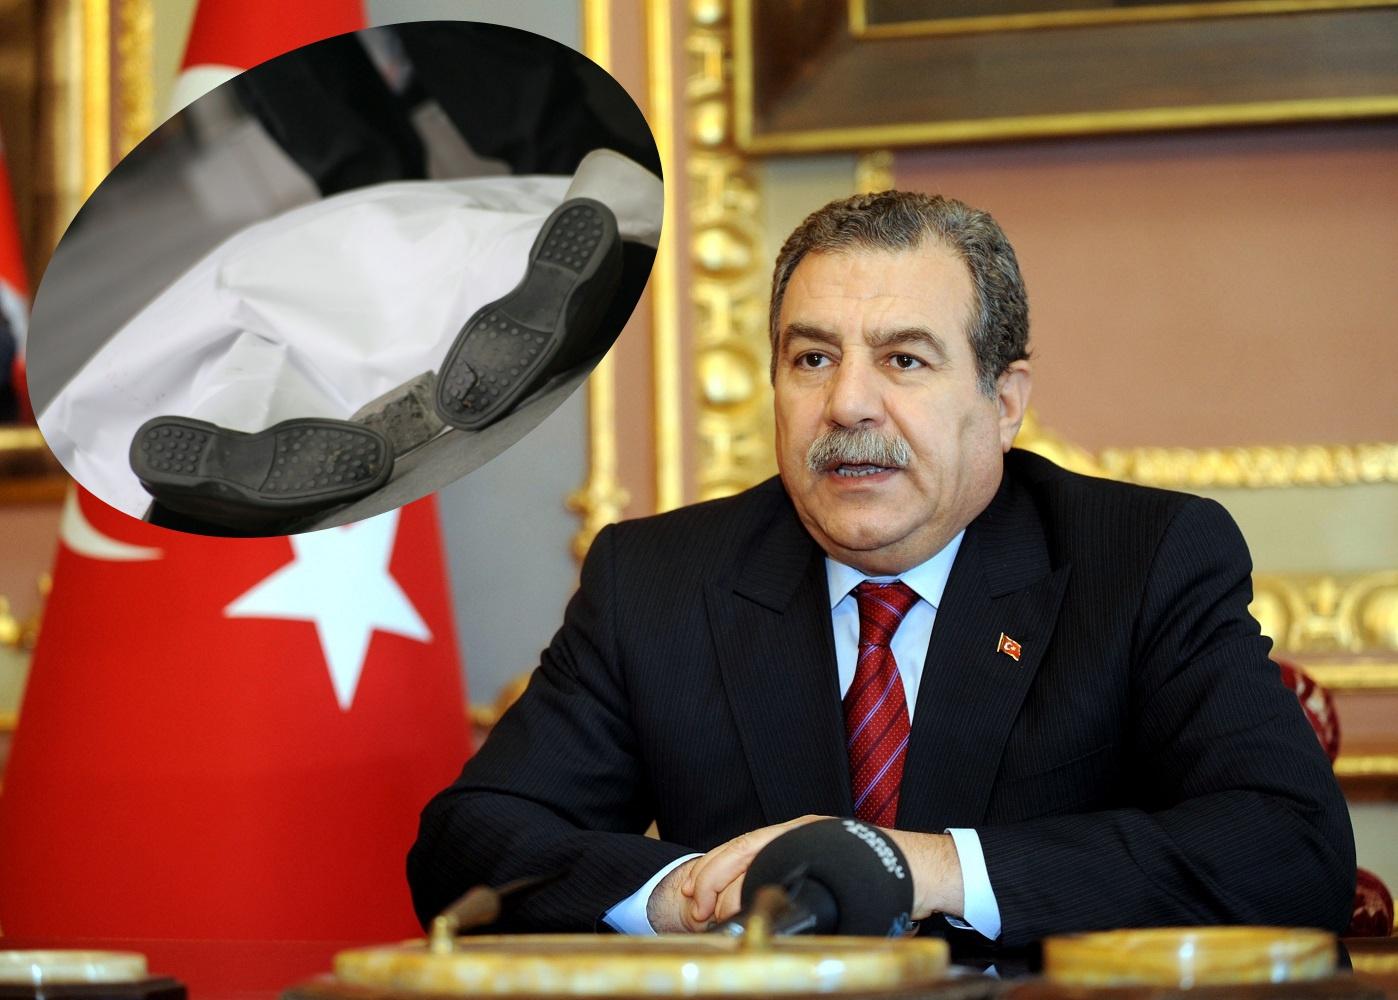 Dink dosyası Danıştay'da: Muammer Güler'in önüne yatacak yok mu?